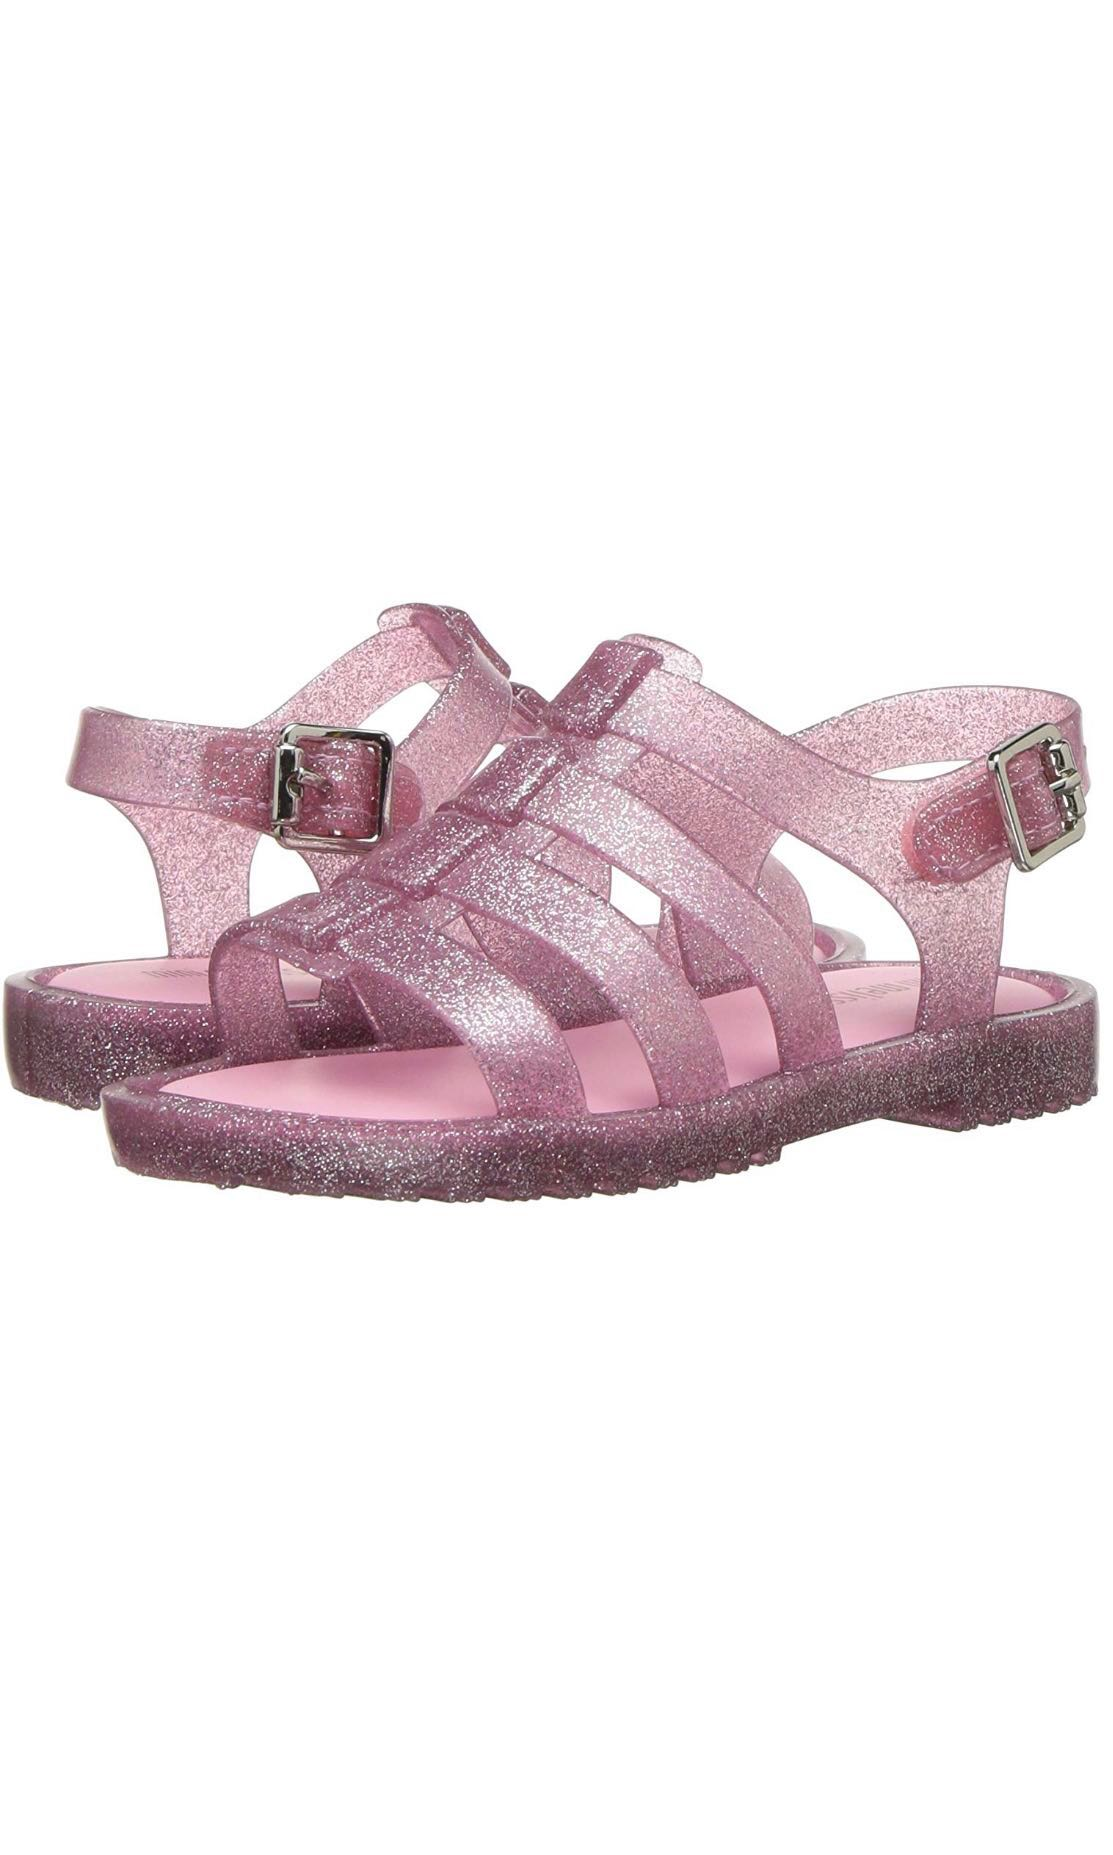 8ccdb502b11 BNIB Mini Melissa Kids  Mini Flox Ballet Flat